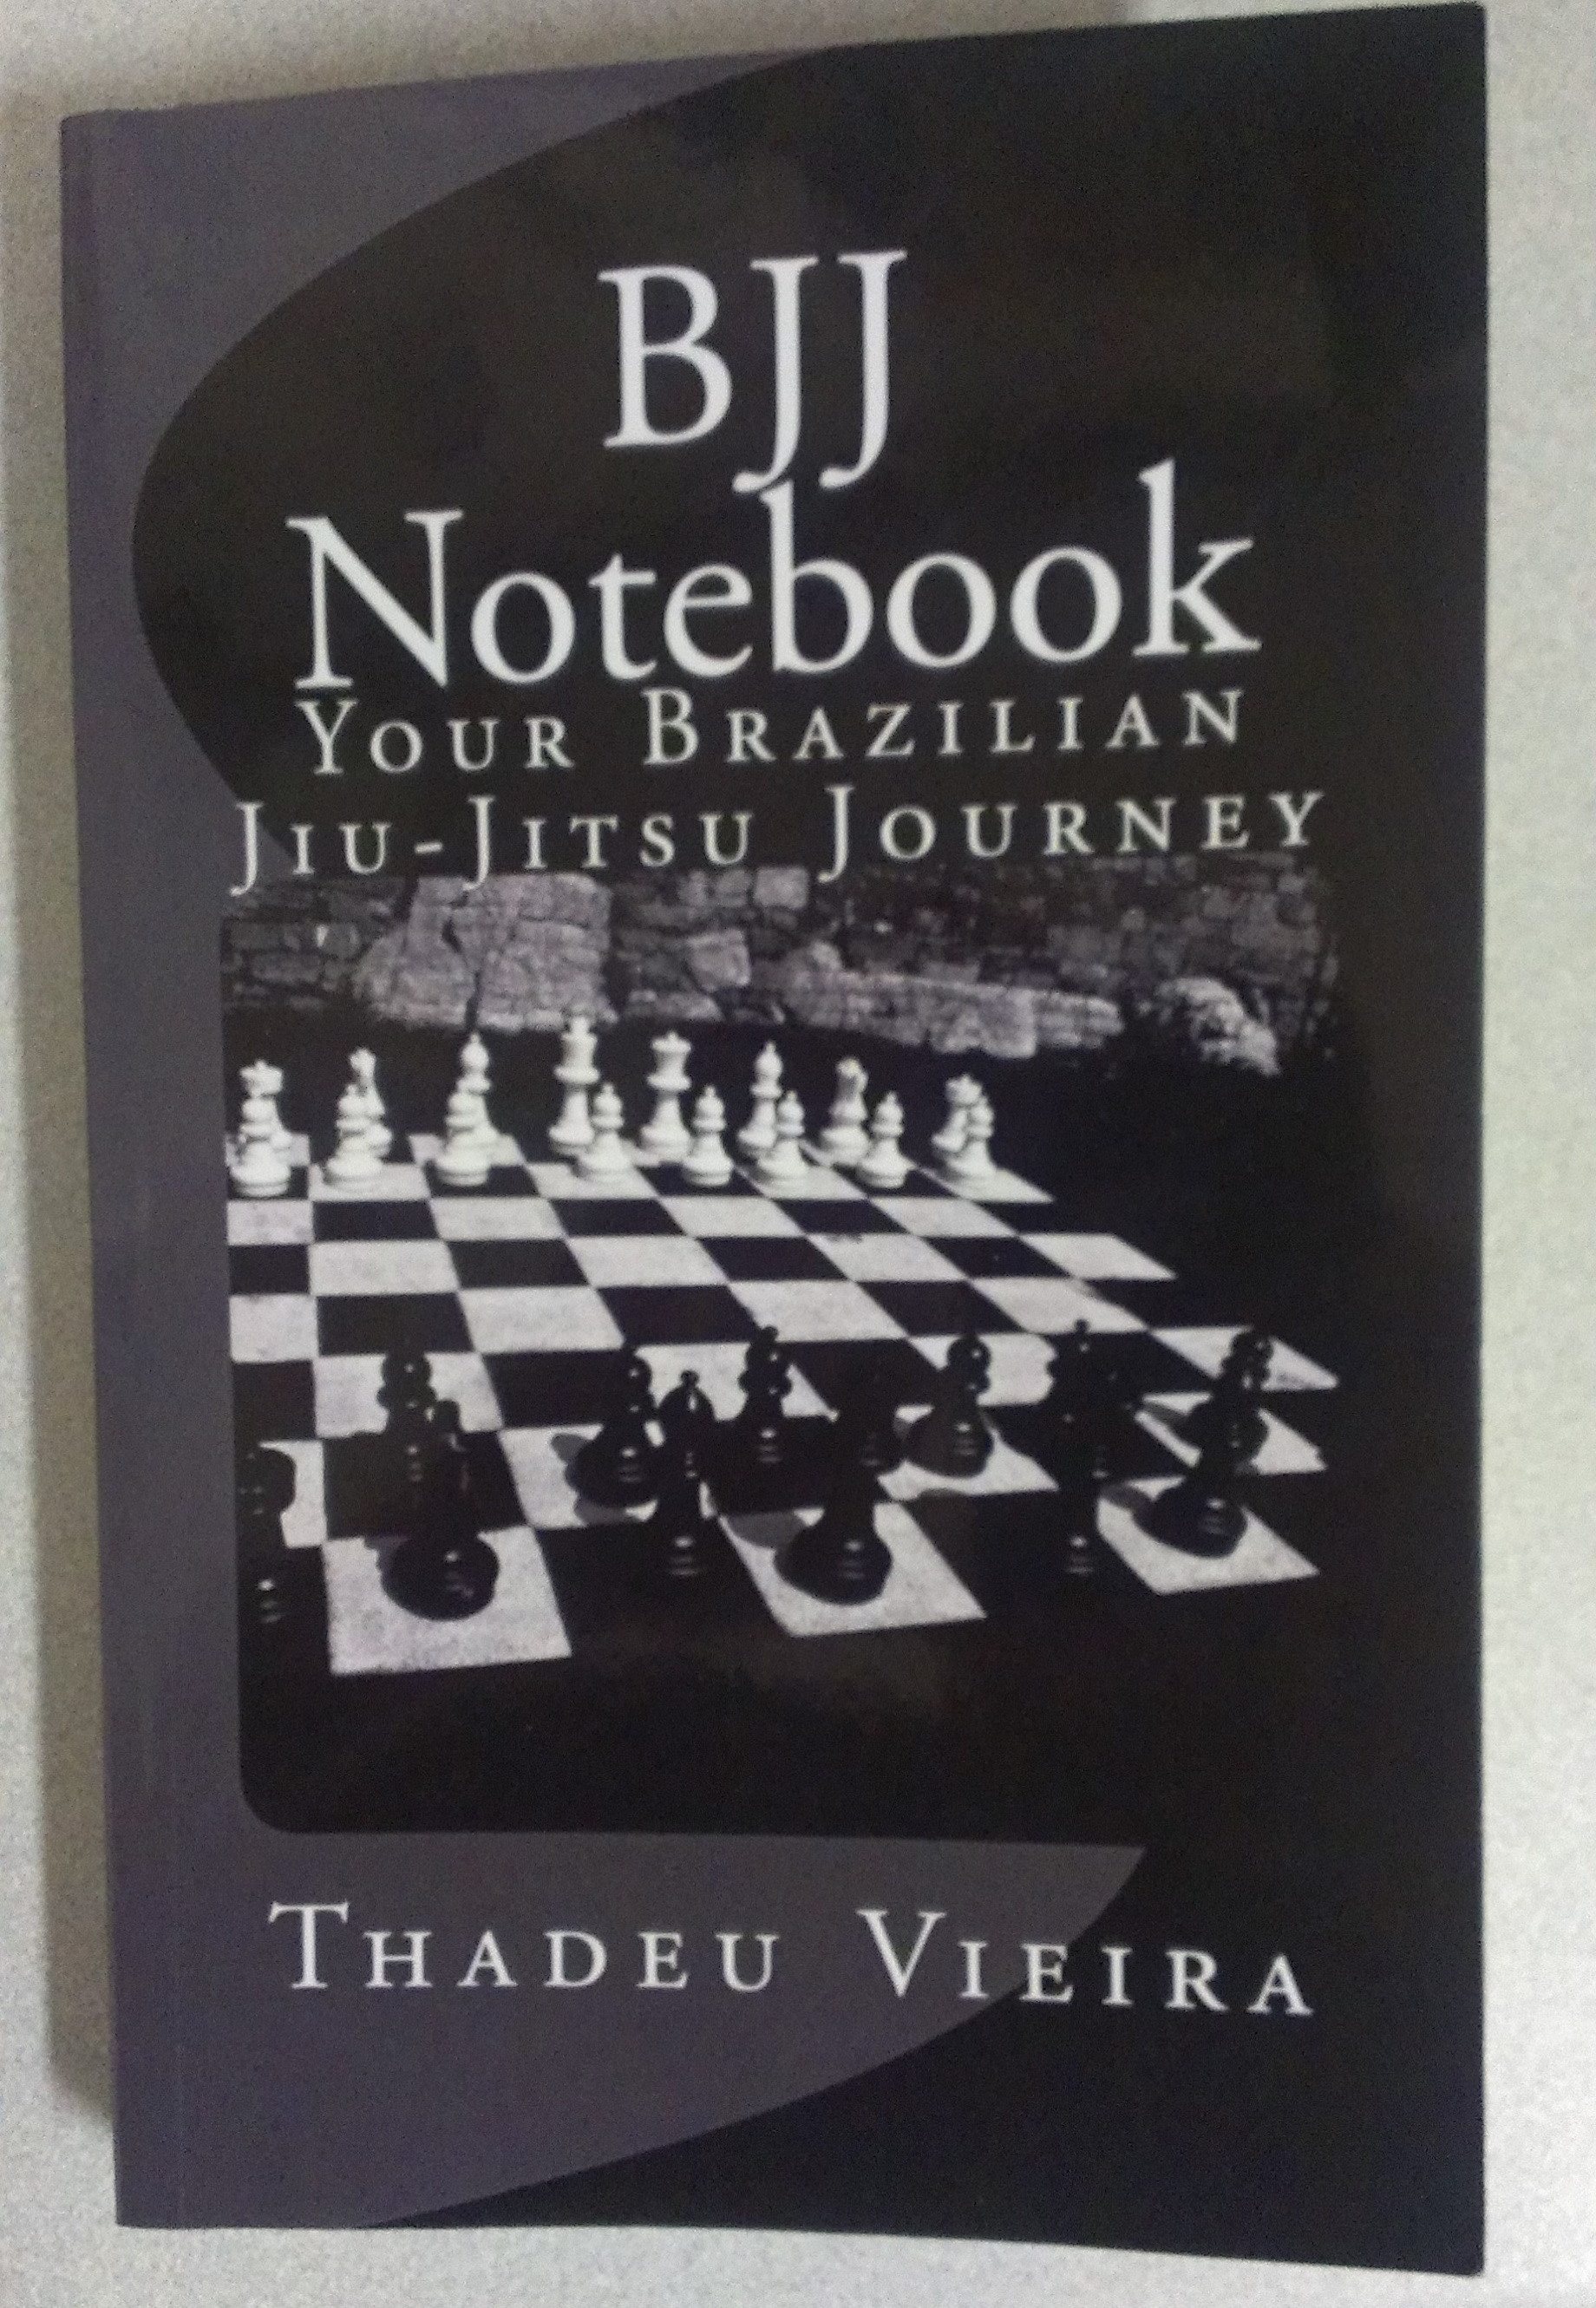 BJJ Notebook